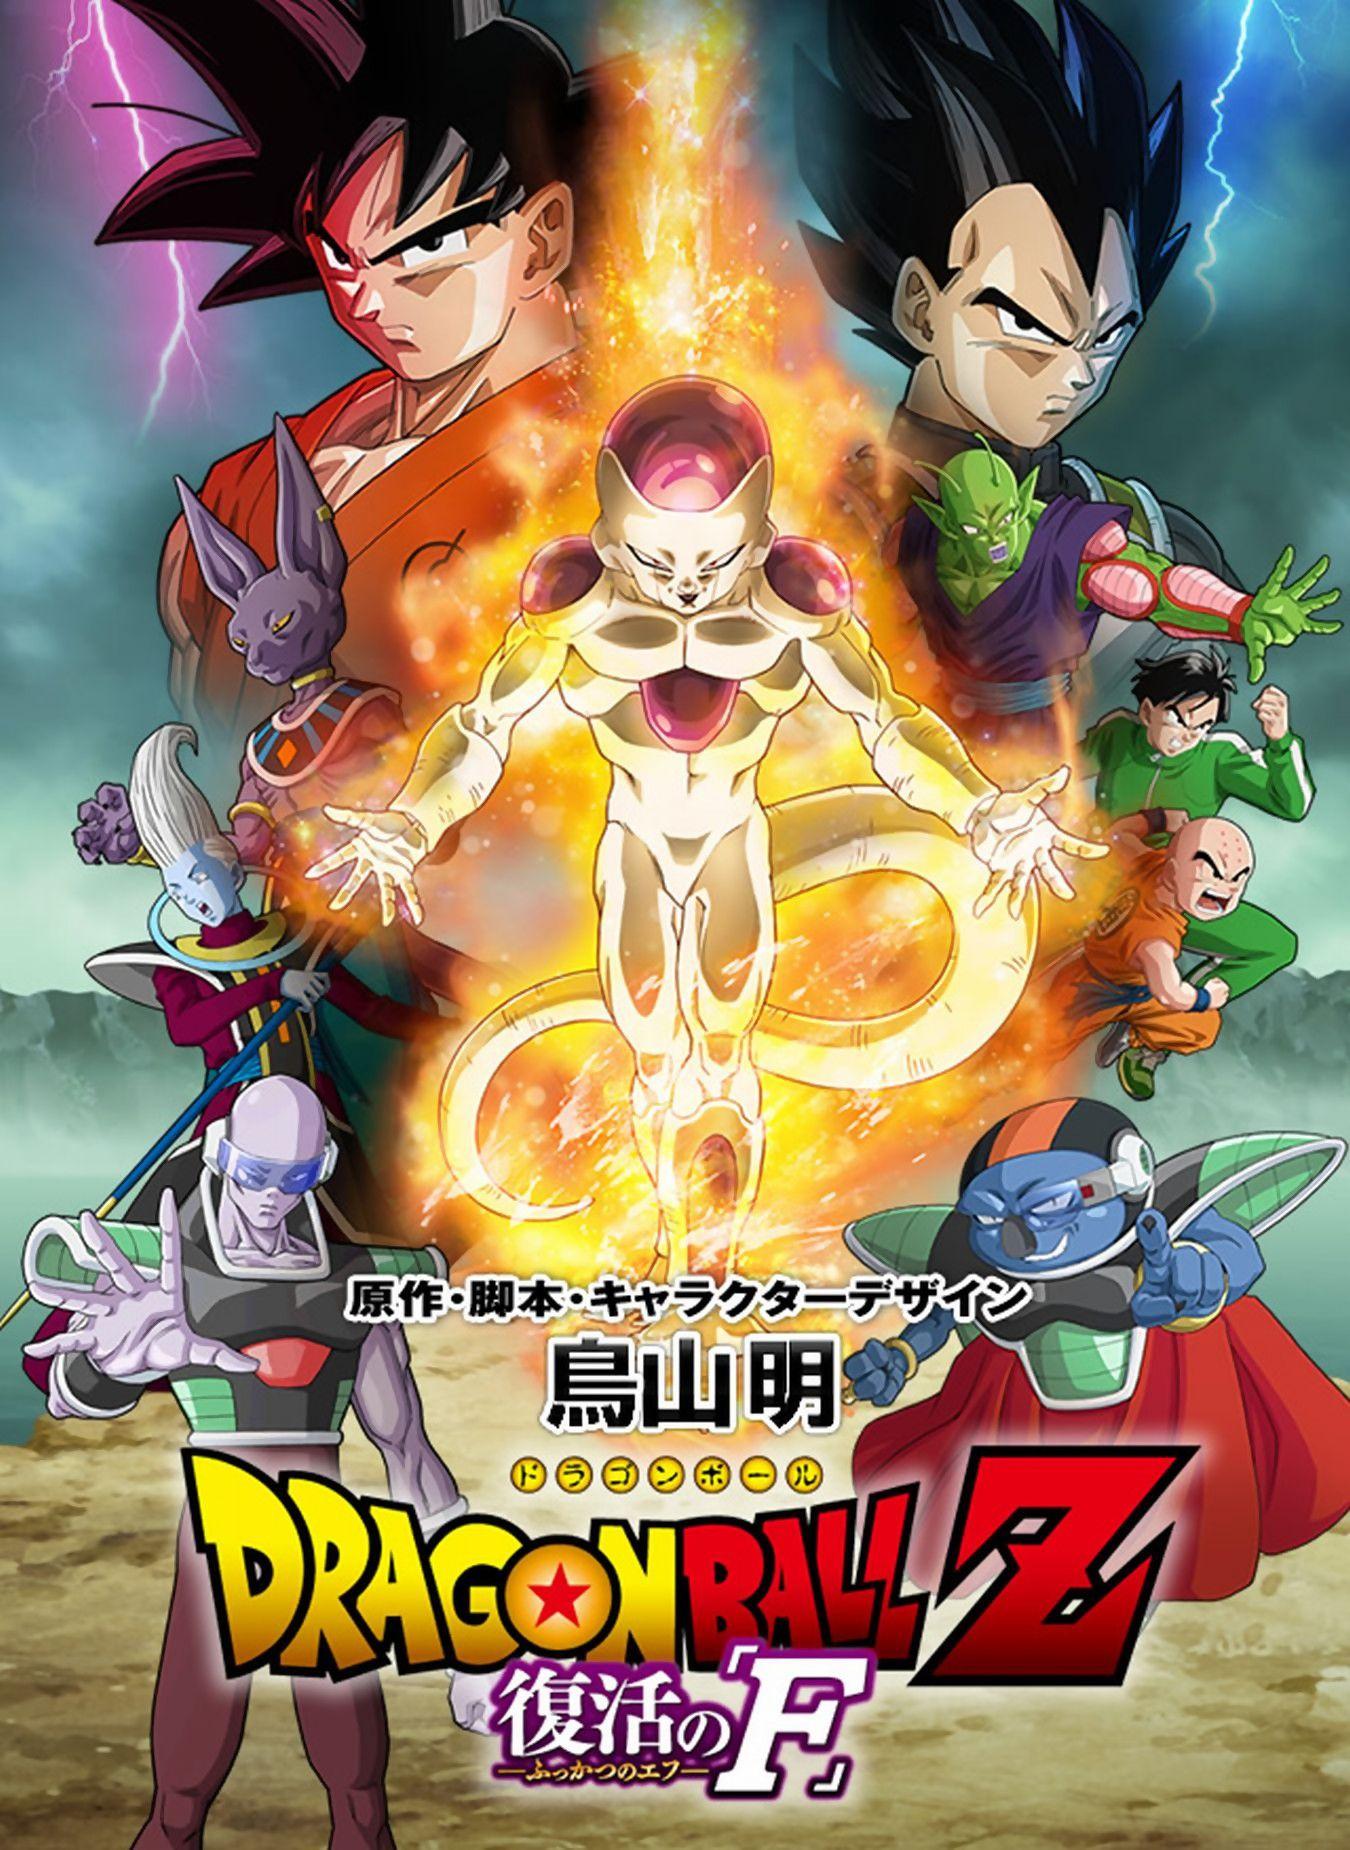 Dragon Ball Z : La Résurrection de Freezer - Long-métrage d'animation (2015)